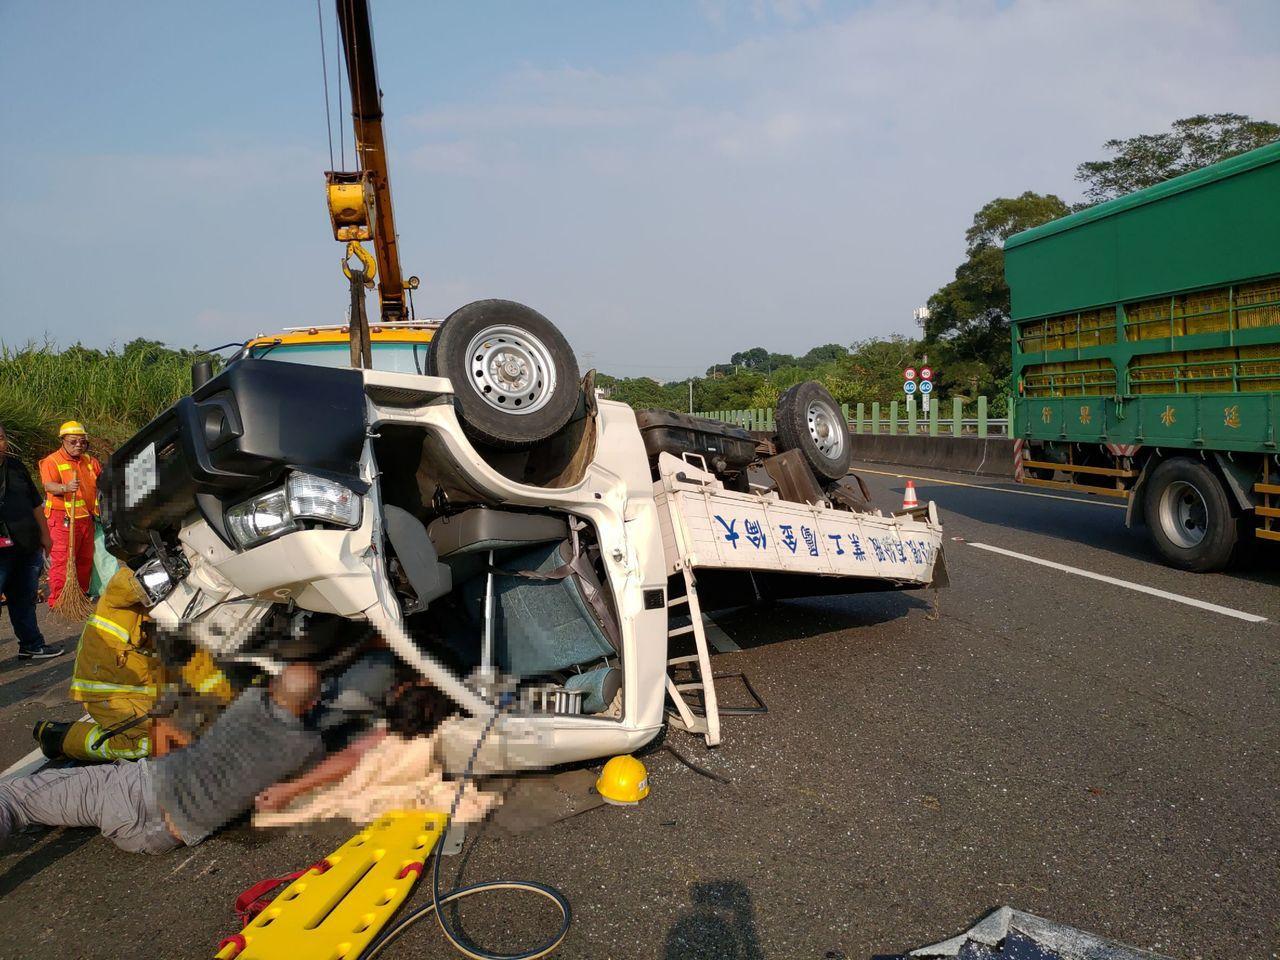 貨車失控撞擊路肩護欄後翻車,車頭嚴重變形,男子受困車內,還好繫了安全帶,人救出後...